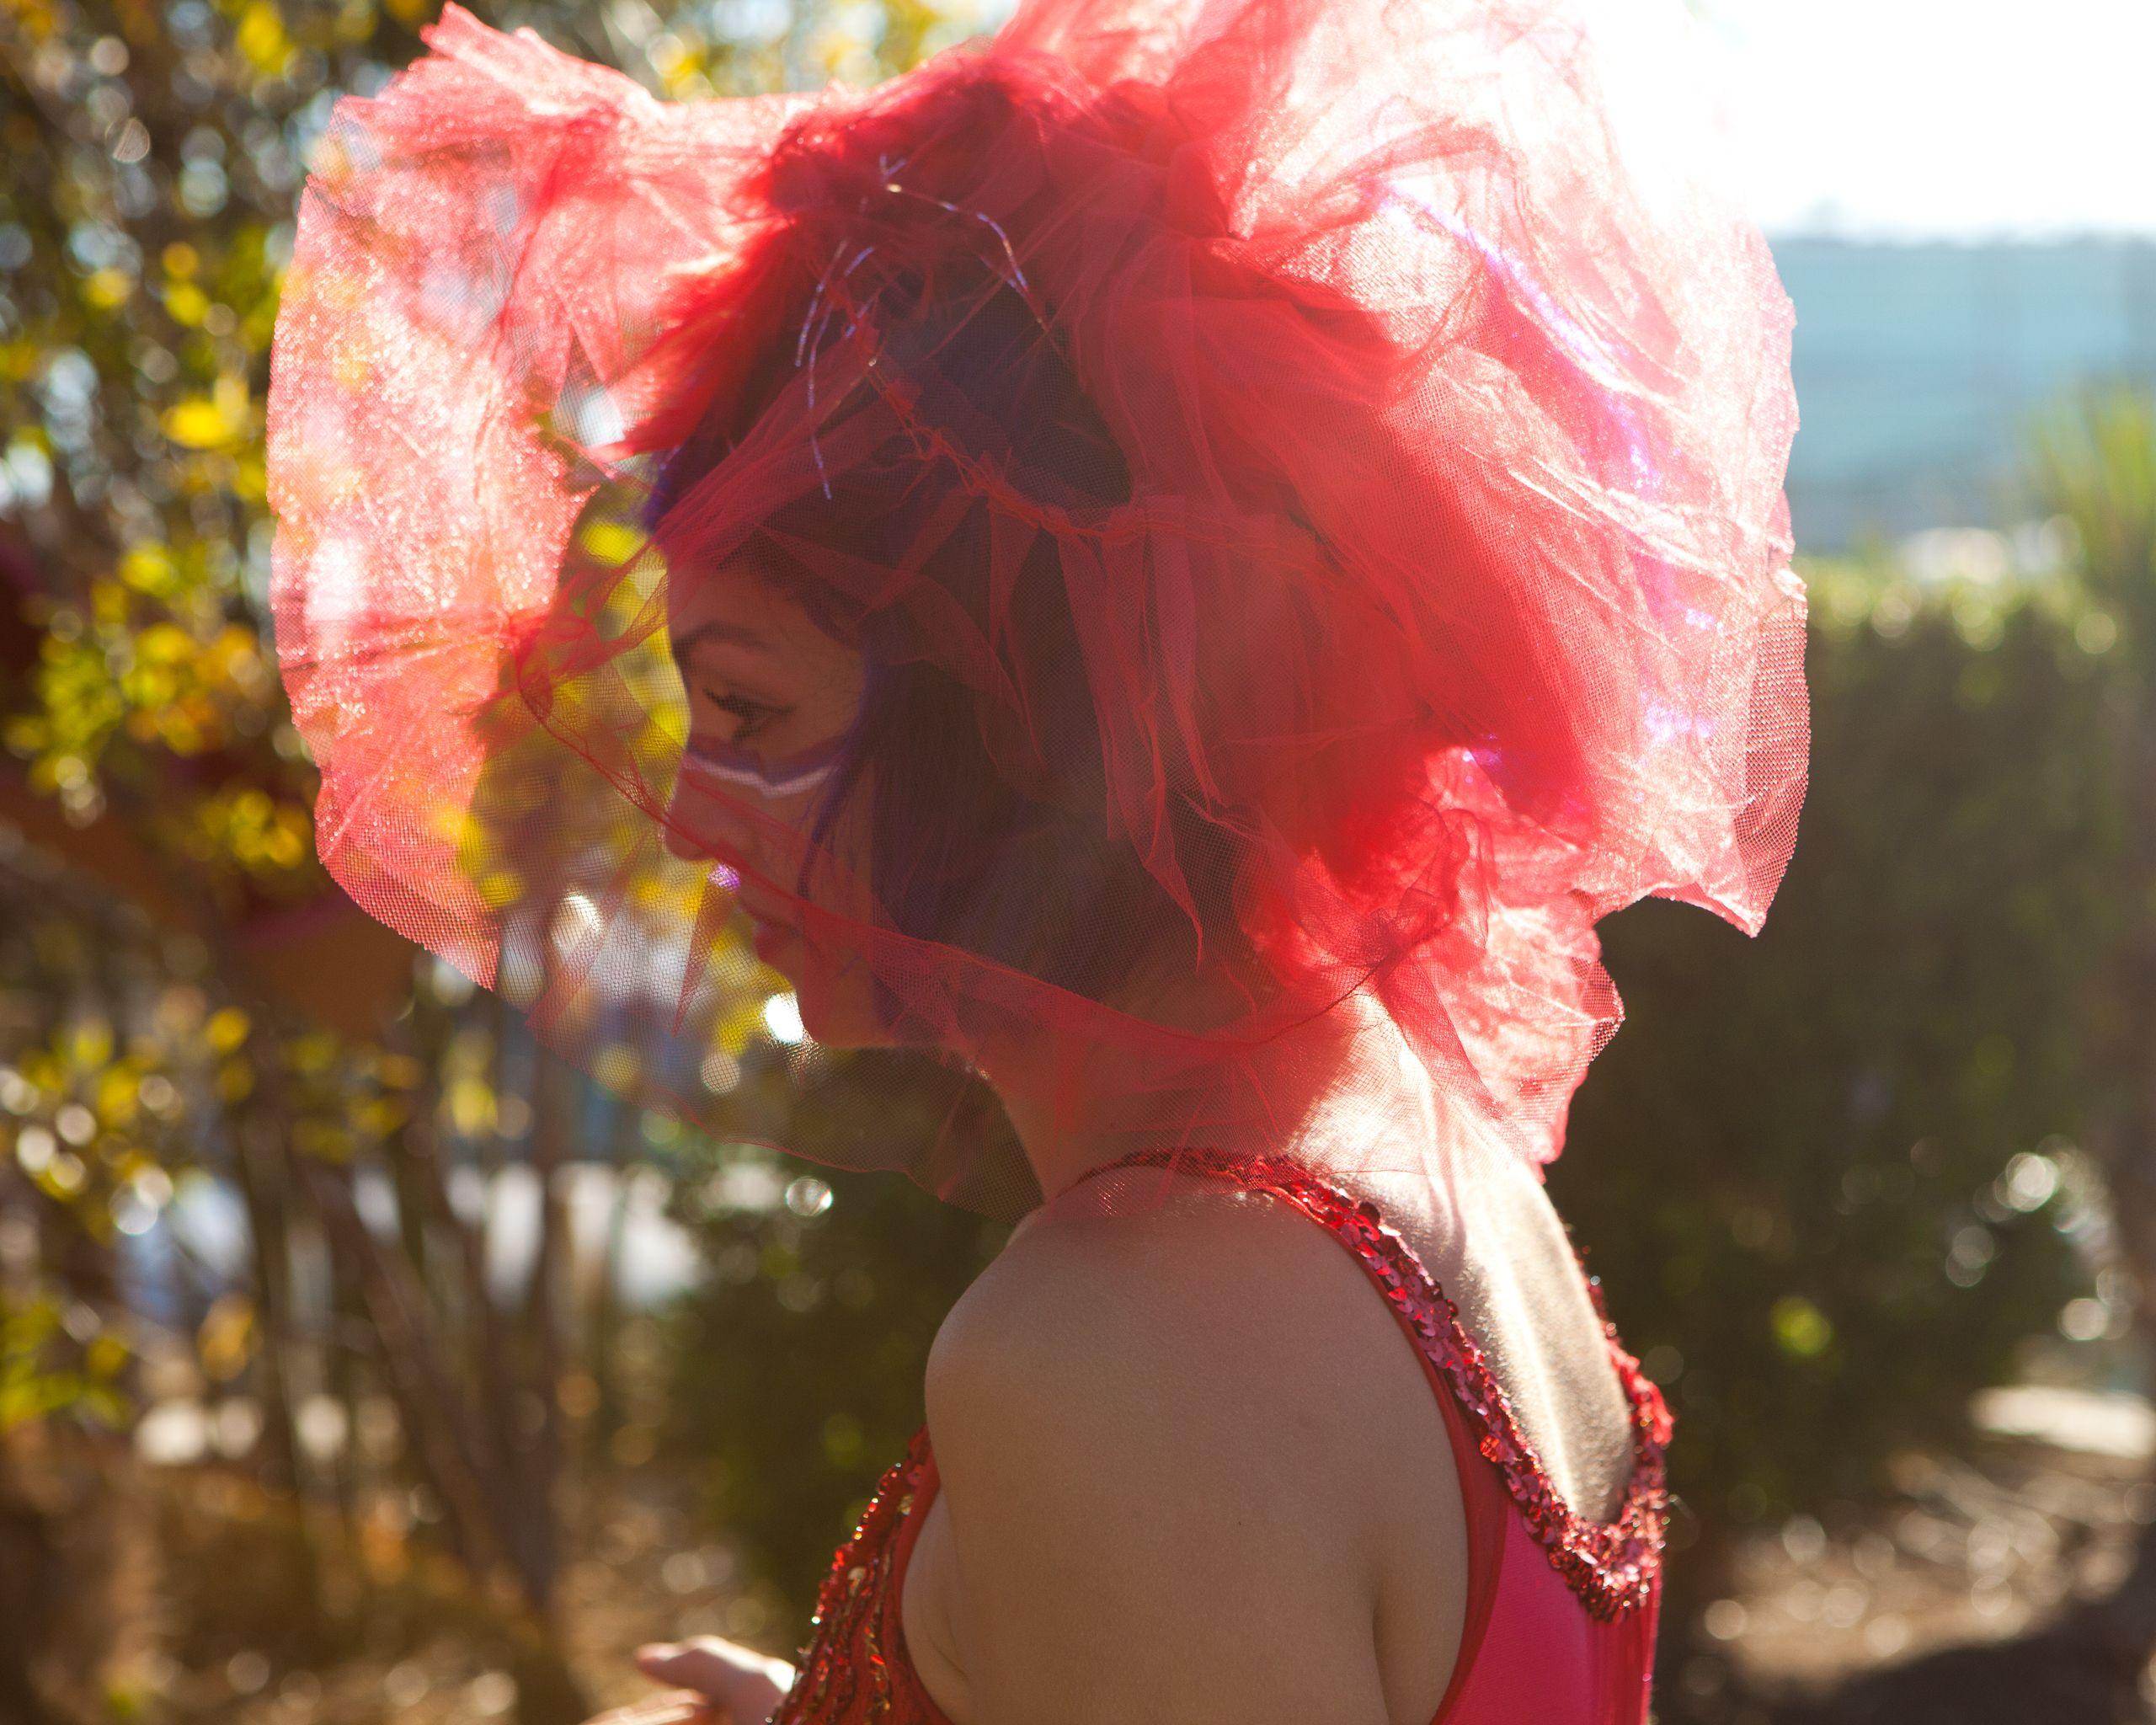 Gina Gabet at the Austin Pre-Valentine's Day Love Brigage